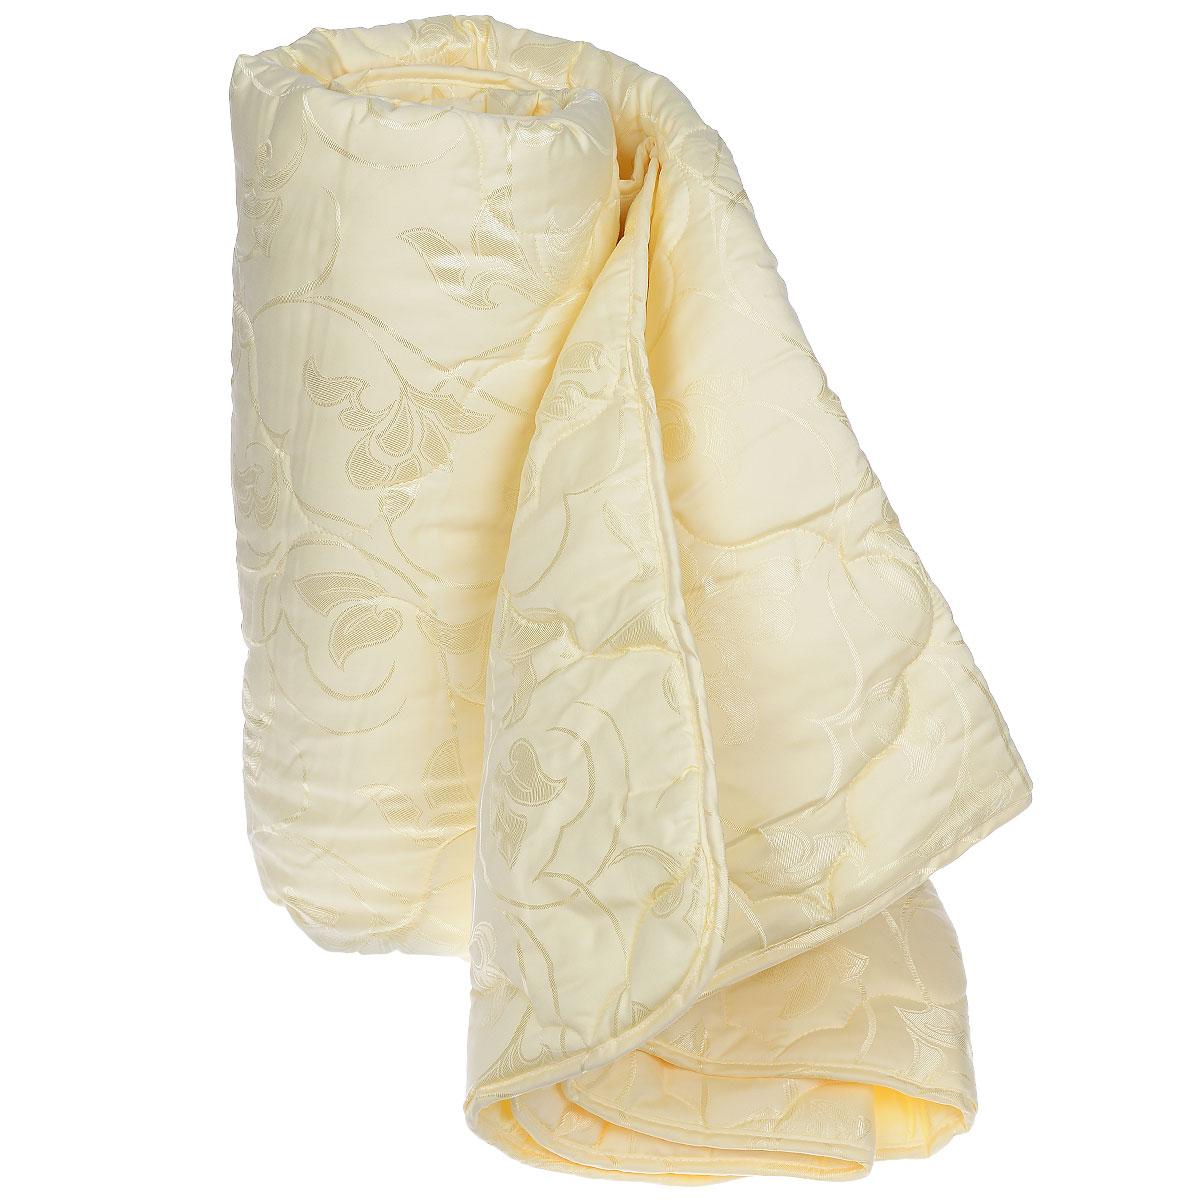 Одеяло Sova & Javoronok, наполнитель: шелковое волокно, цвет: бежевый, 200 см х 220 см05030116086Чехол одеяла Sova & Javoronok выполнен из благородного сатина бежевого цвета. Наполнитель - натуральное шелковое волокно. Особенности наполнителя: - обладает высокими сорбционными свойствами, создавая эффект сухого тепла; - регулирует температурный режим; - не вызывает аллергических реакций. Шелк всегда считался одним из самых элитных и роскошных материалов. Очень нежный, легкий, шелк отлично приспосабливается к температуре тела и окружающей среды. Летом с подушкой из шелка вы чувствуете прохладу, зимой - приятное тепло. В натуральном шелке не заводится и не живет пылевой клещ, также шелк обладает бактериостатическими свойствами (в нем не размножаются патогенные бактерии), в нем не живут и не размножаются грибки и сапрофиты. Натуральный шелк гипоаллергенен и рекомендован людям с аллергическими реакциями. При впитывании шелком влаги до 30% от собственного веса он остается сухим на ощупь. Натуральный шелк не электризуется. ...